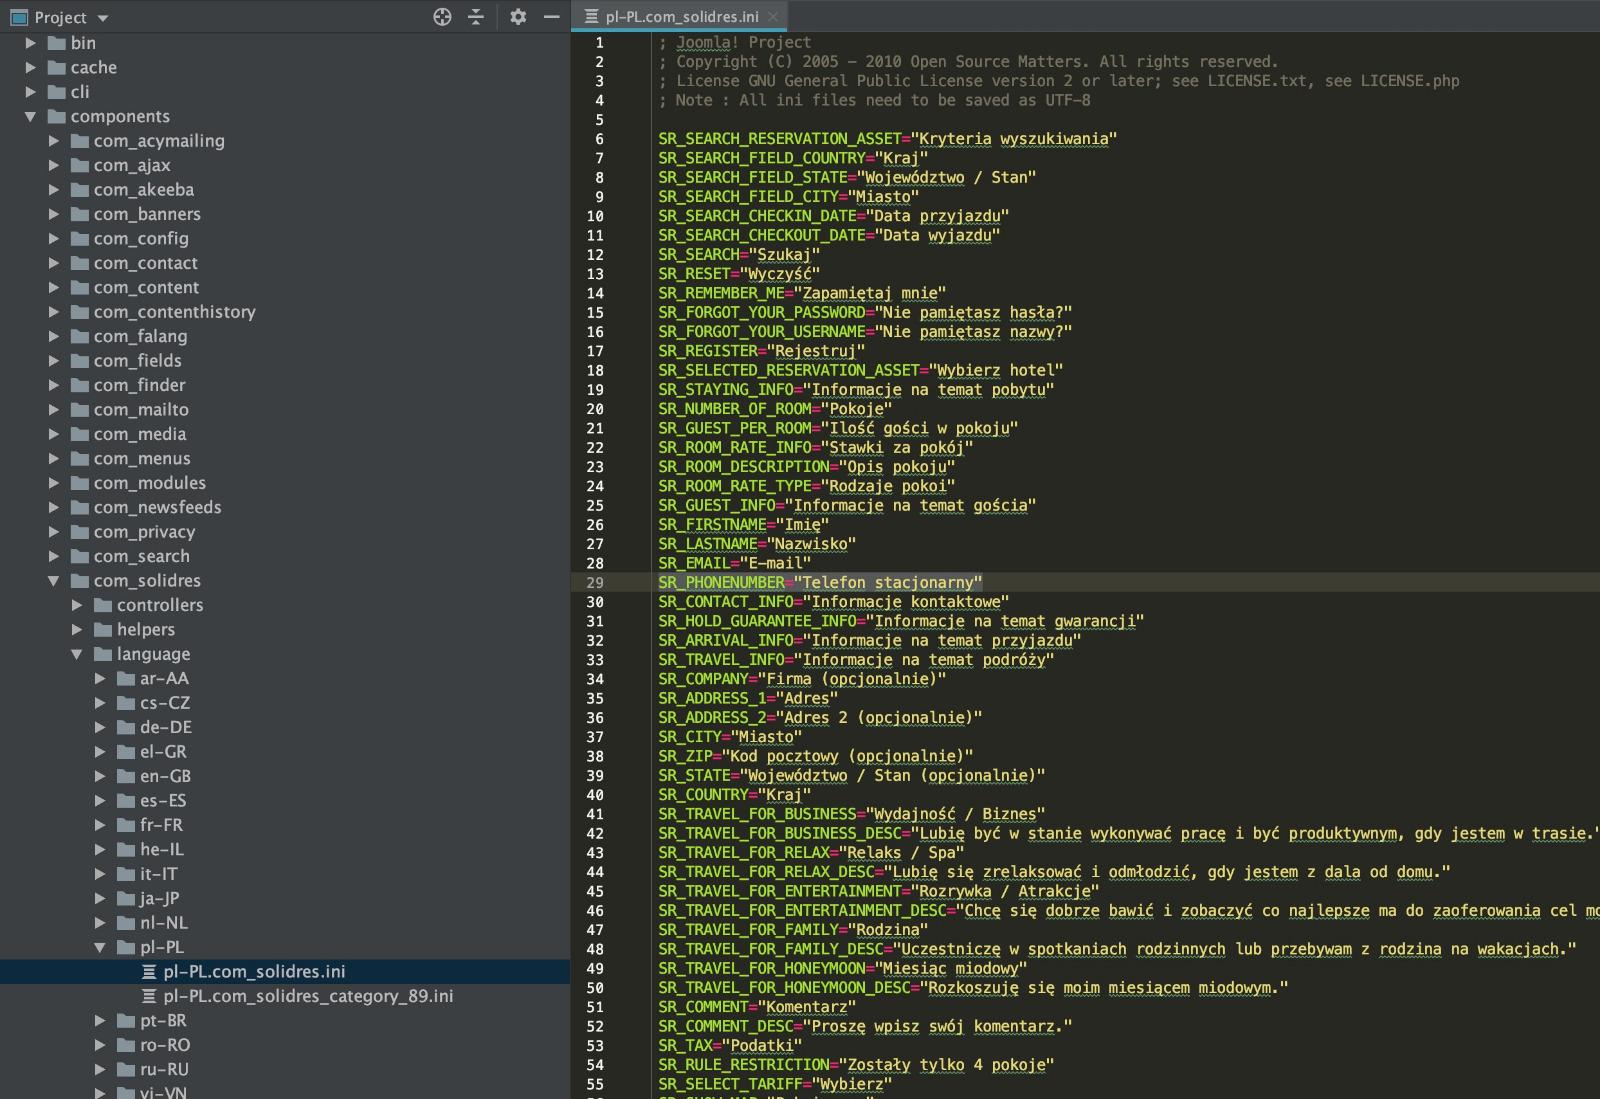 components-language-pl_PL.jpg